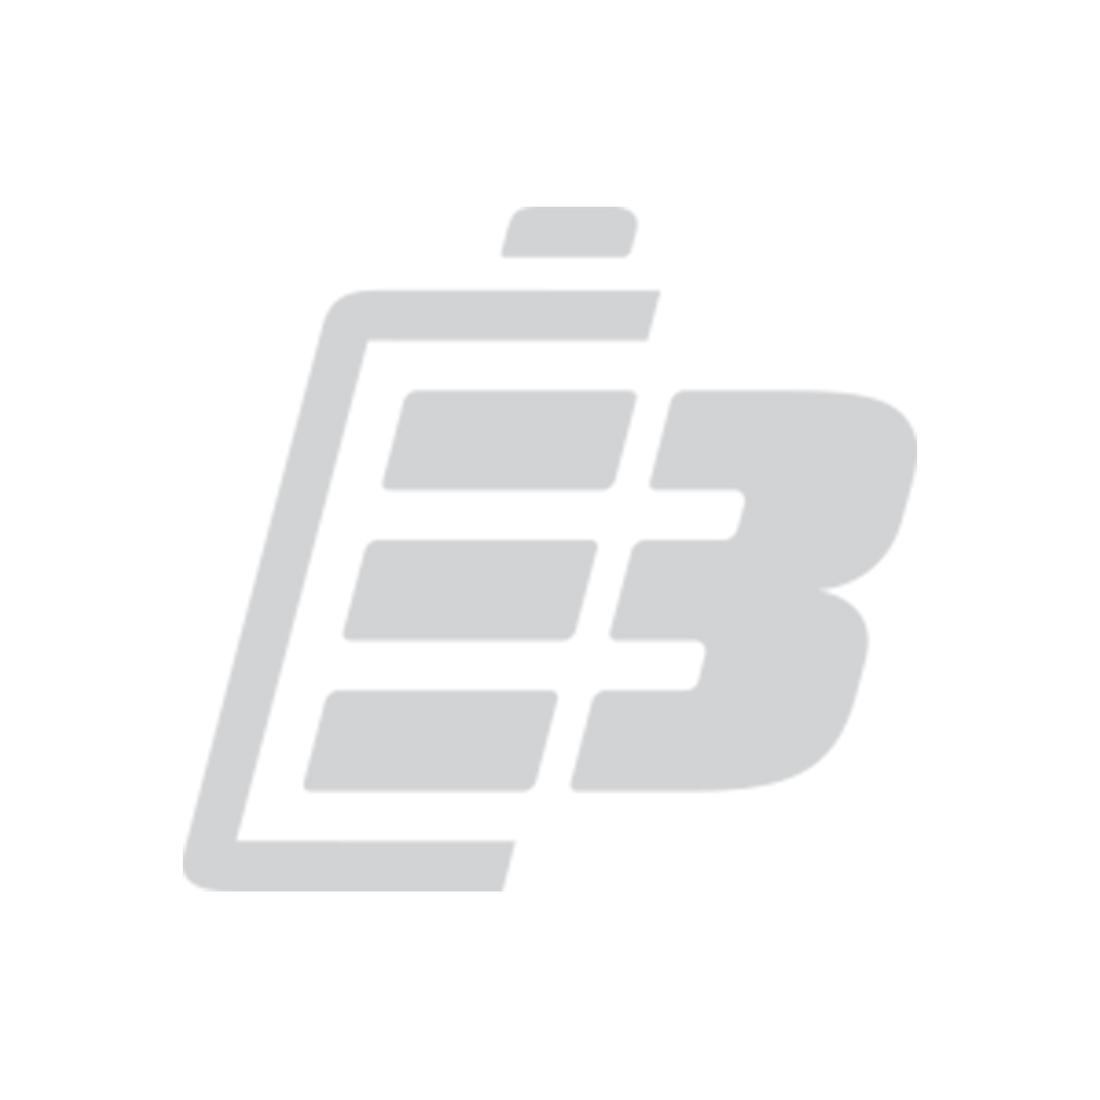 Μπαταρία τοπογραφικού μηχανήματος Leica ATX1200 Ενισχυμένη_1